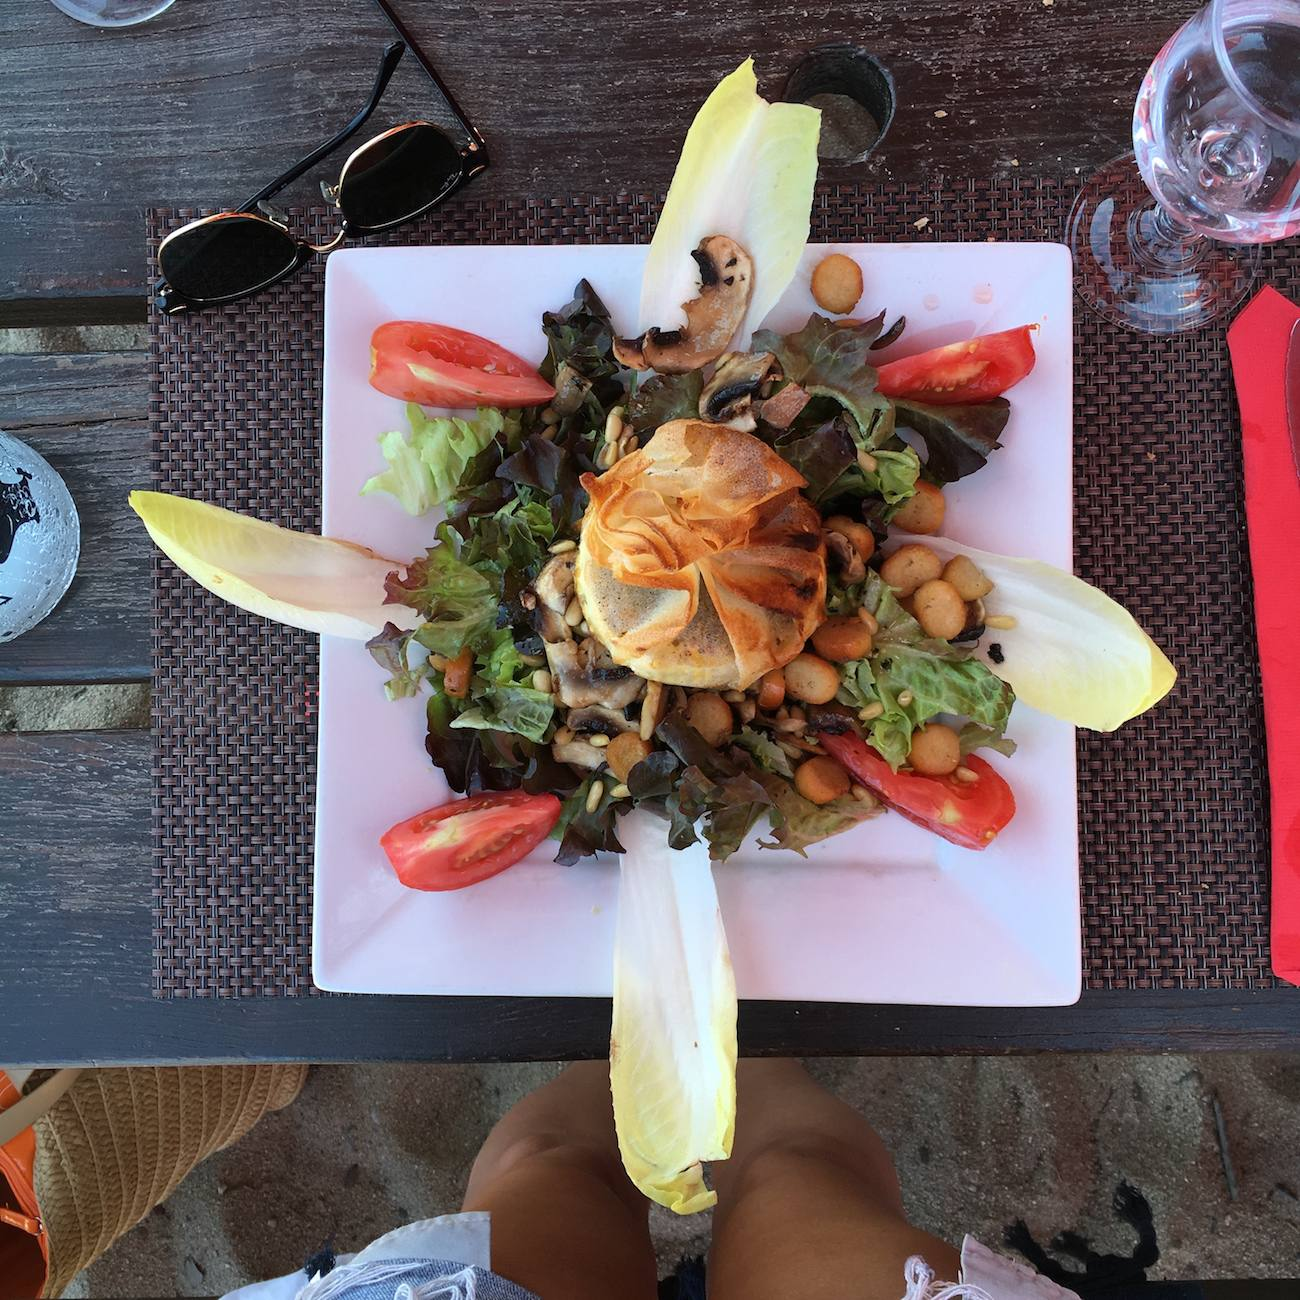 Corse - Road trip bonnes adresses - Blog Voyage nantes 17